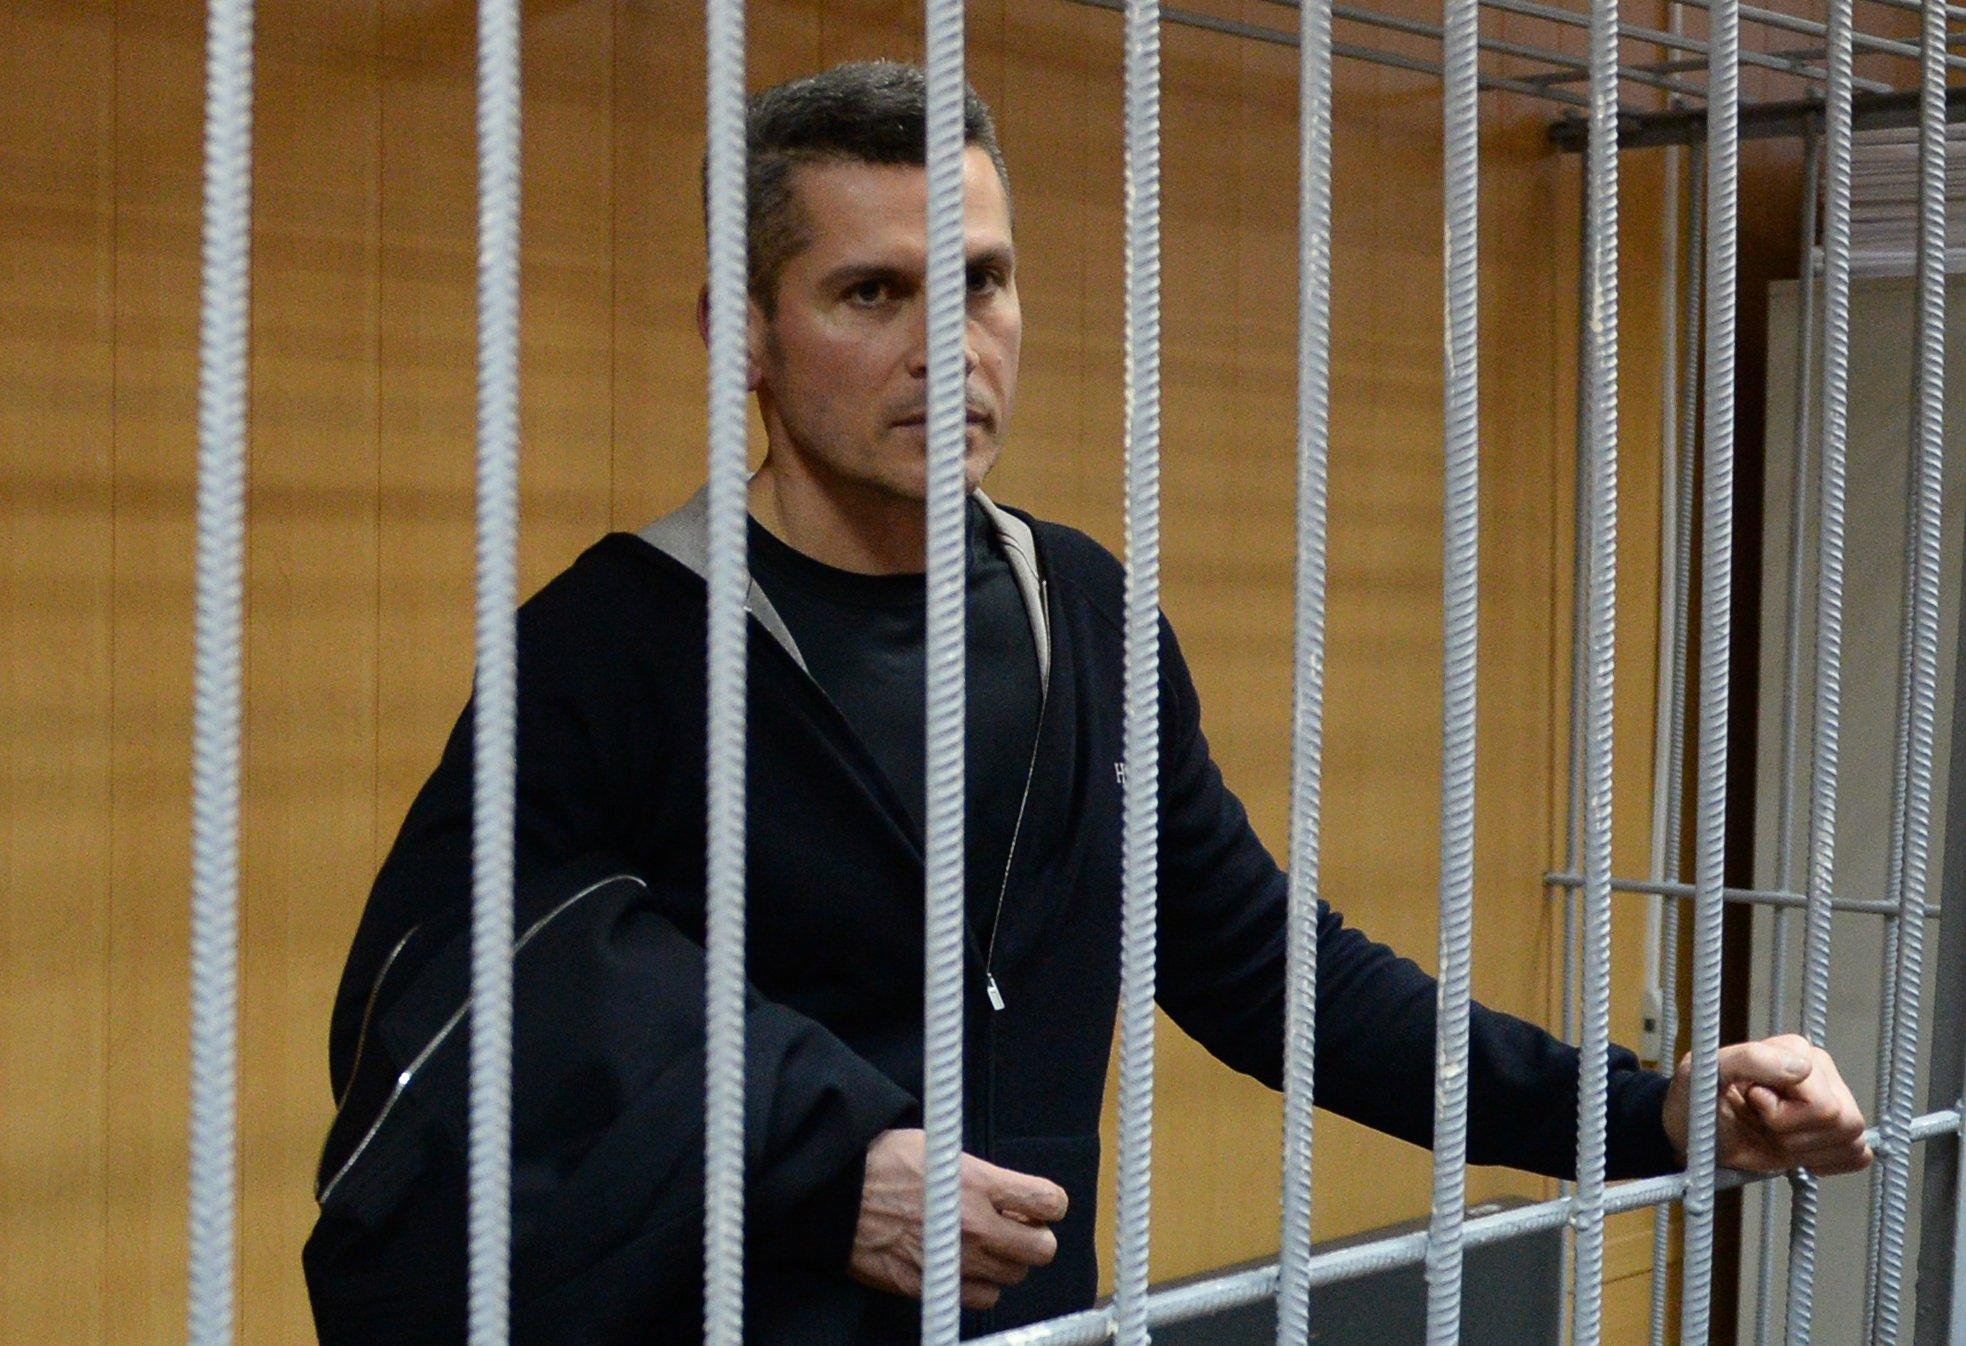 СМИ сообщили о намерении правозащитников посетить братьев Магомедовых